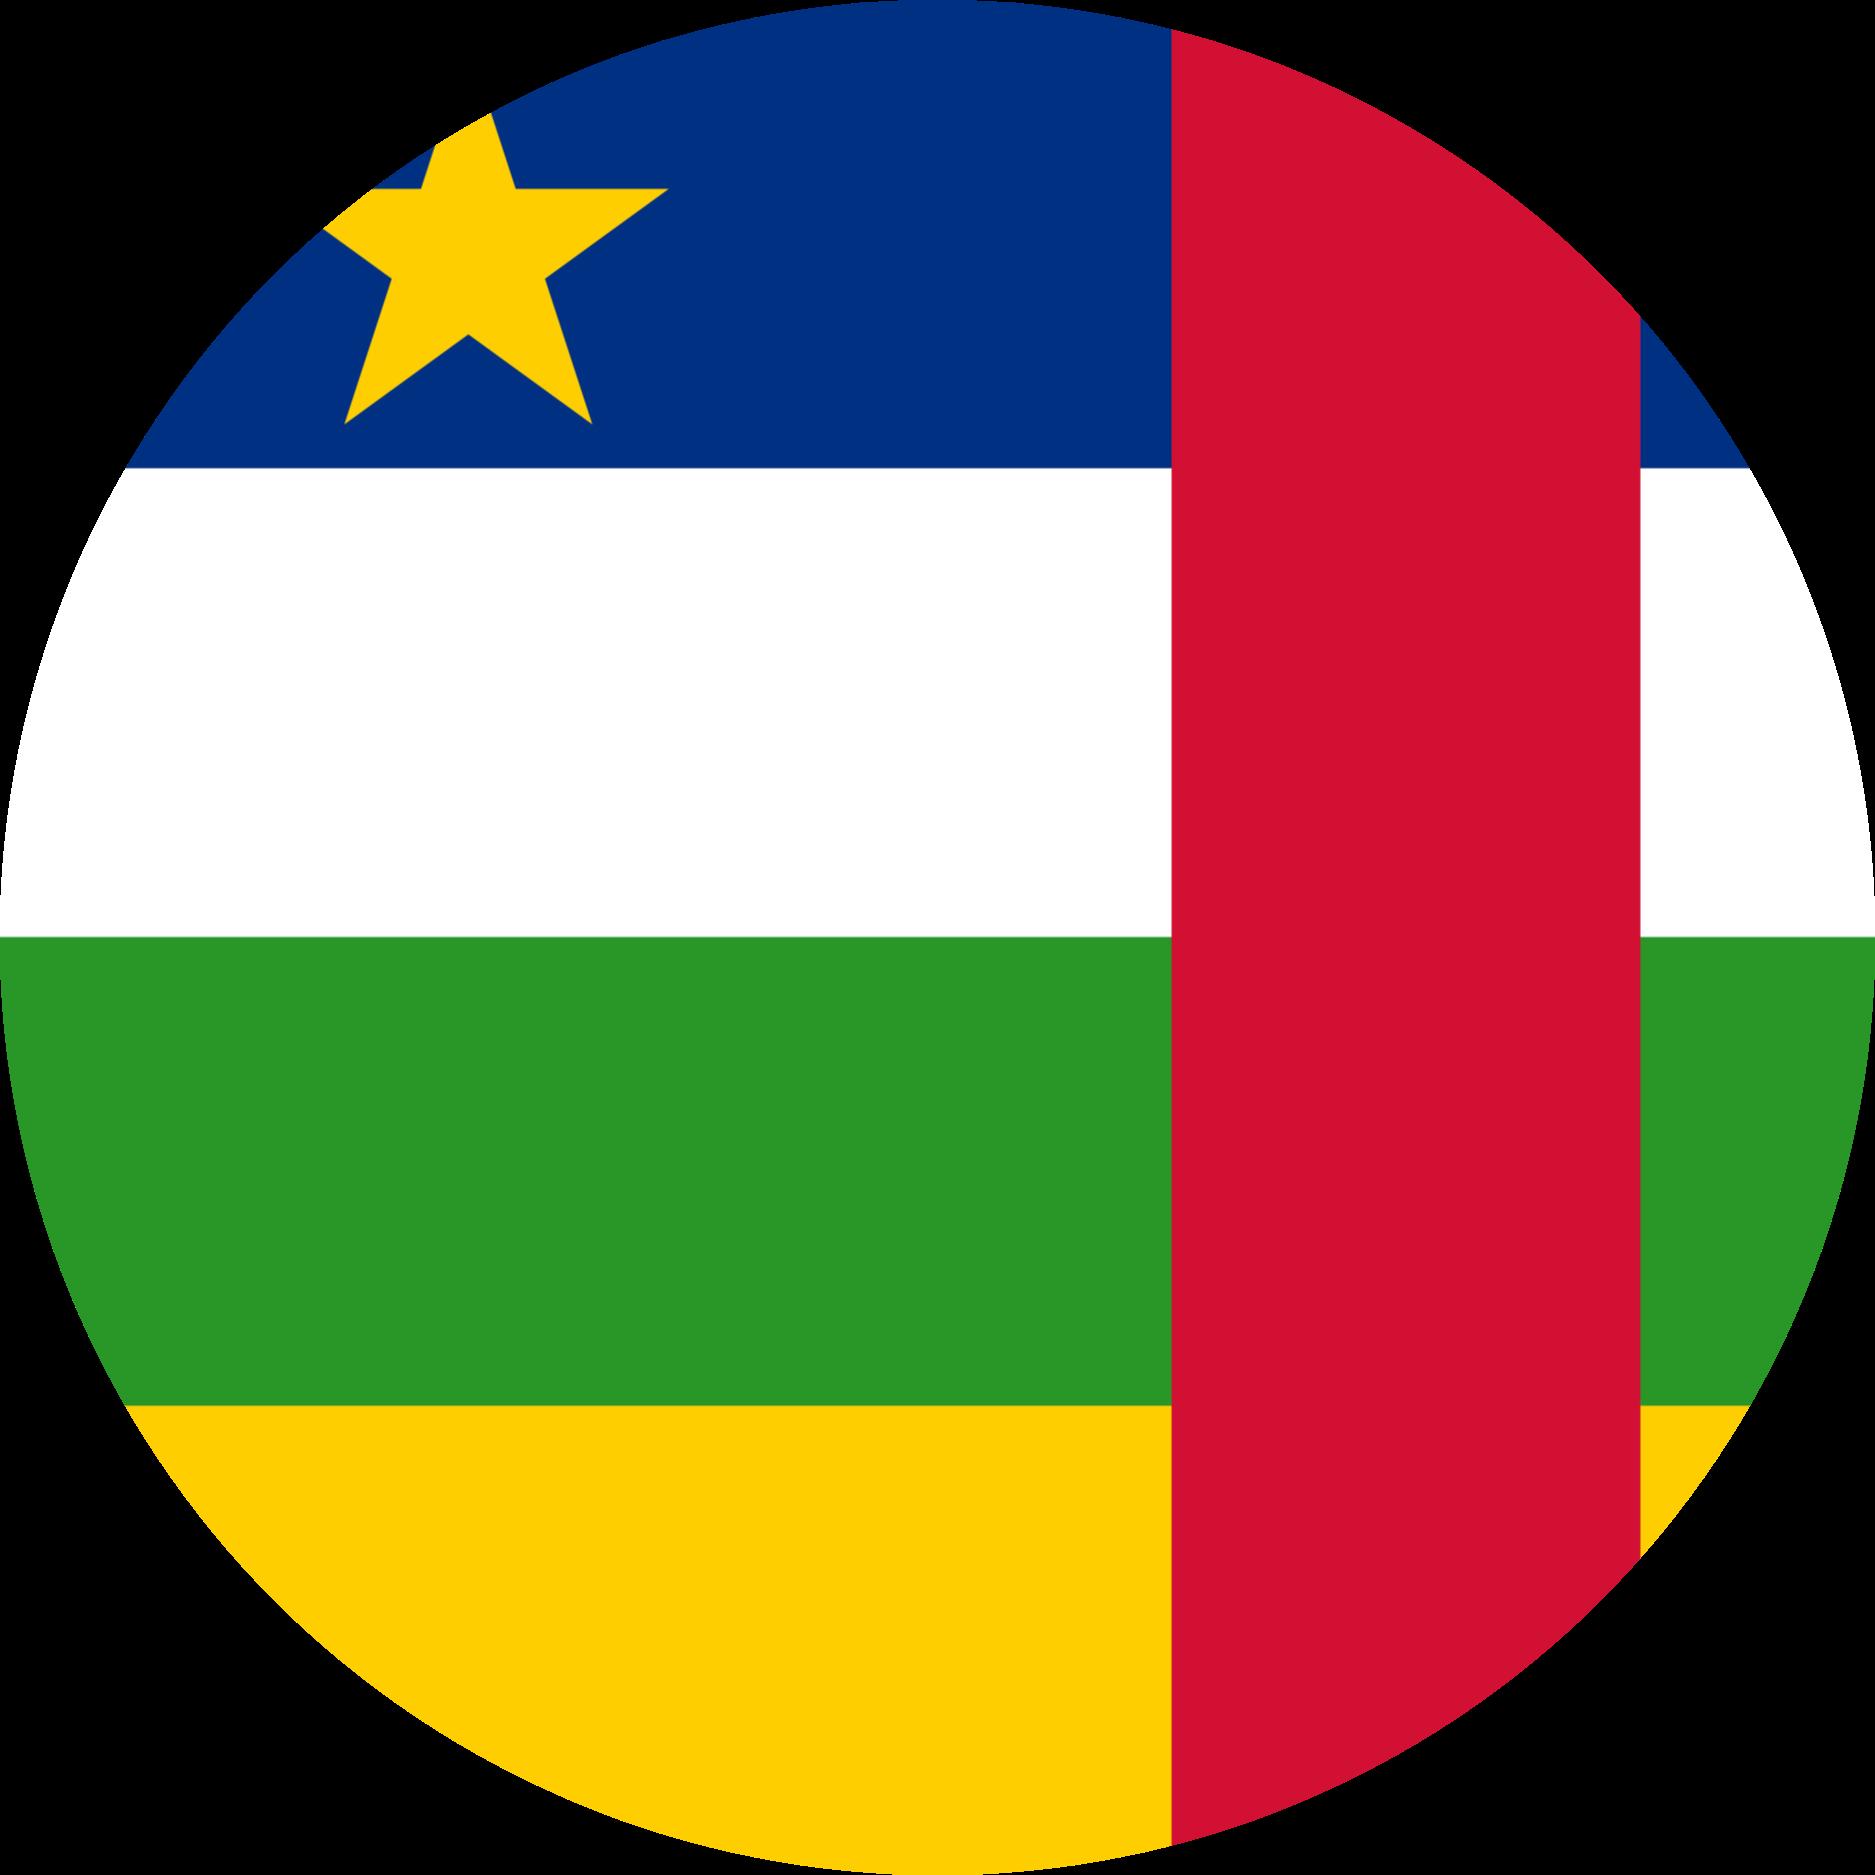 Central_African_Republic Flag Emoji